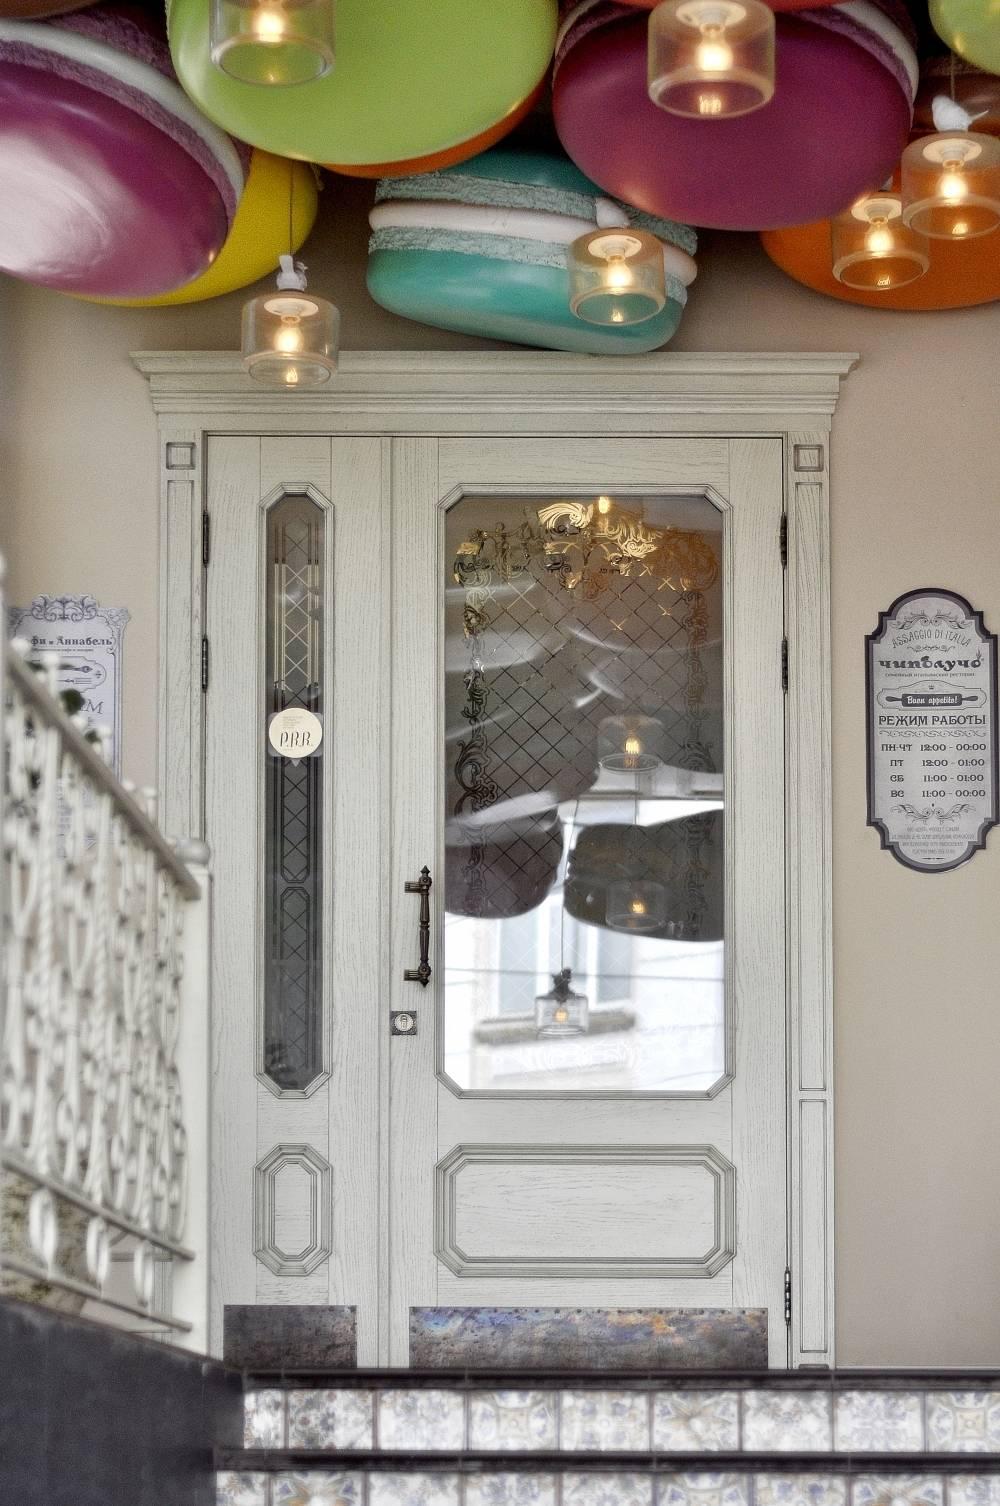 Кафе-пекарня «Софи и Аннабель» – новый релиз от дизайн студии ALLARTSDESIGN (Саранин Артемий), для ресторанного холдинга Milimon Family.